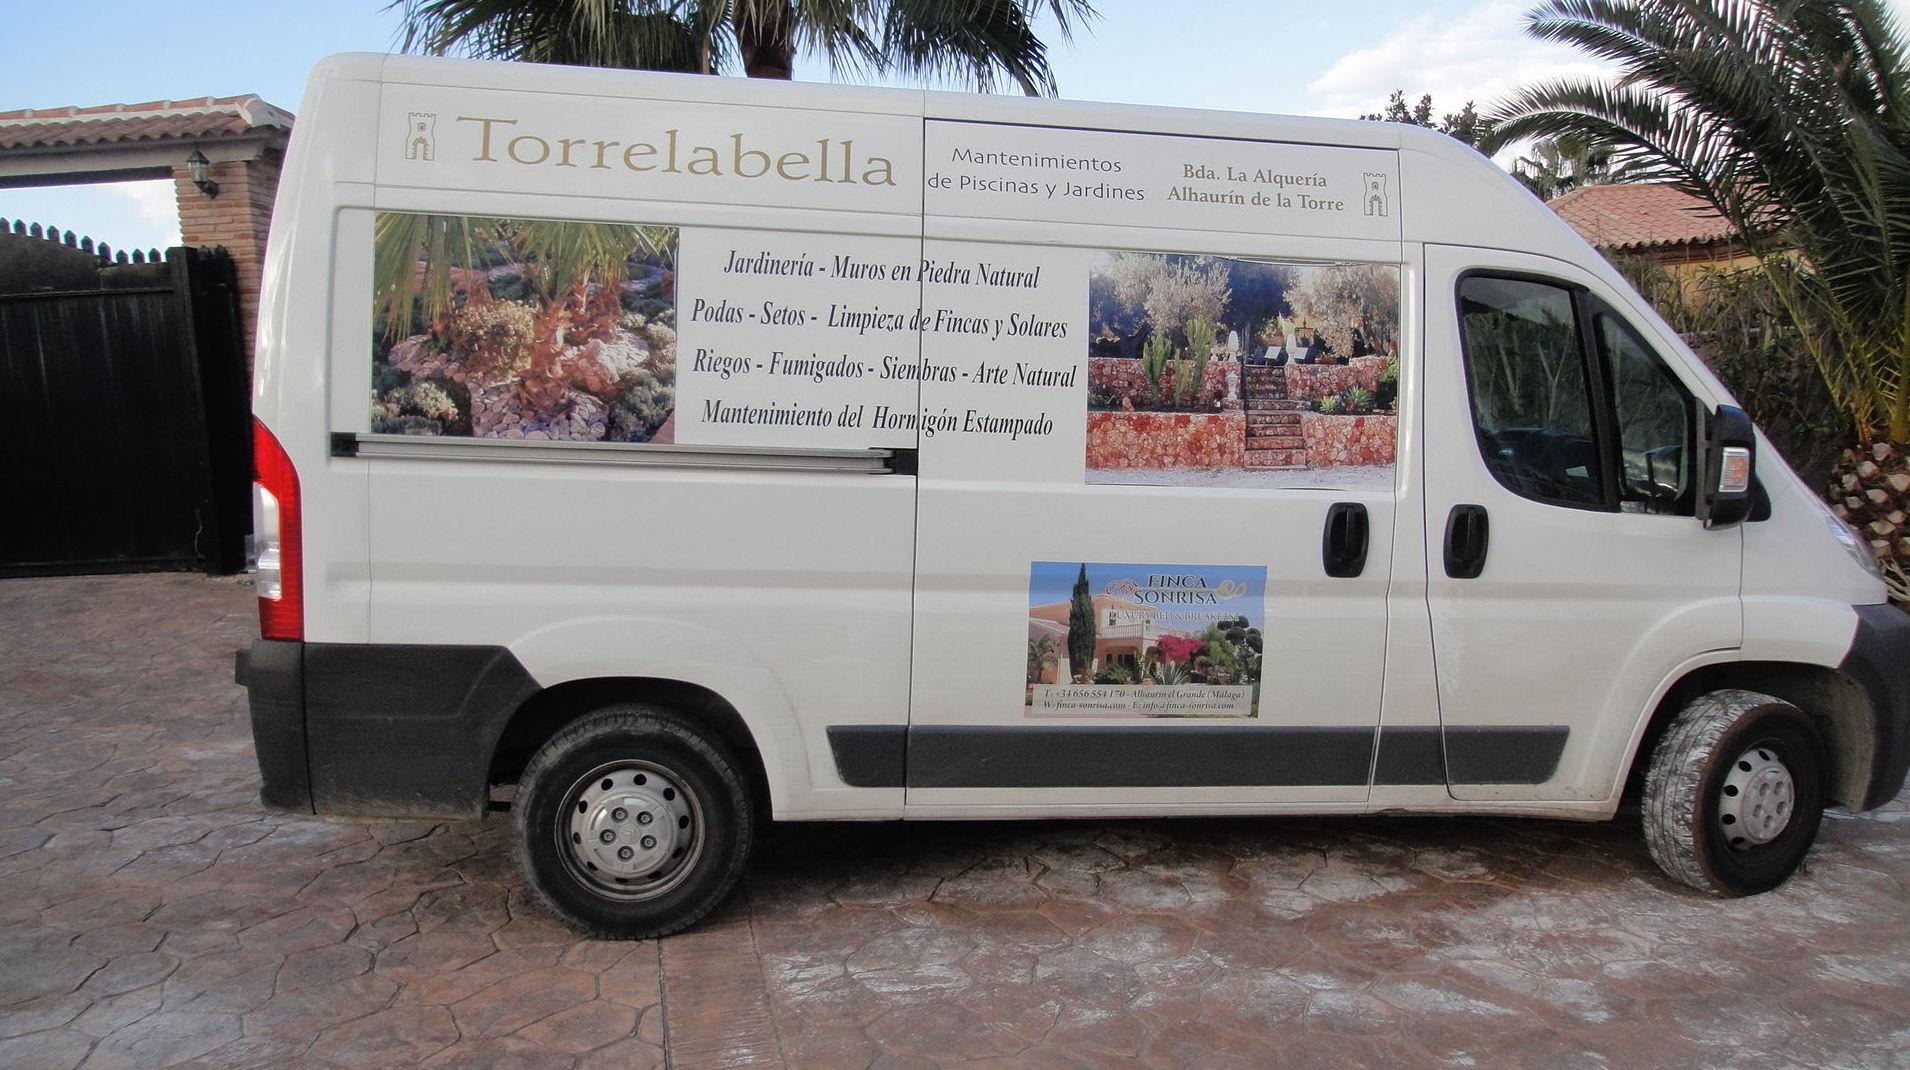 Mantenimientos Torre La Bella en Málaga